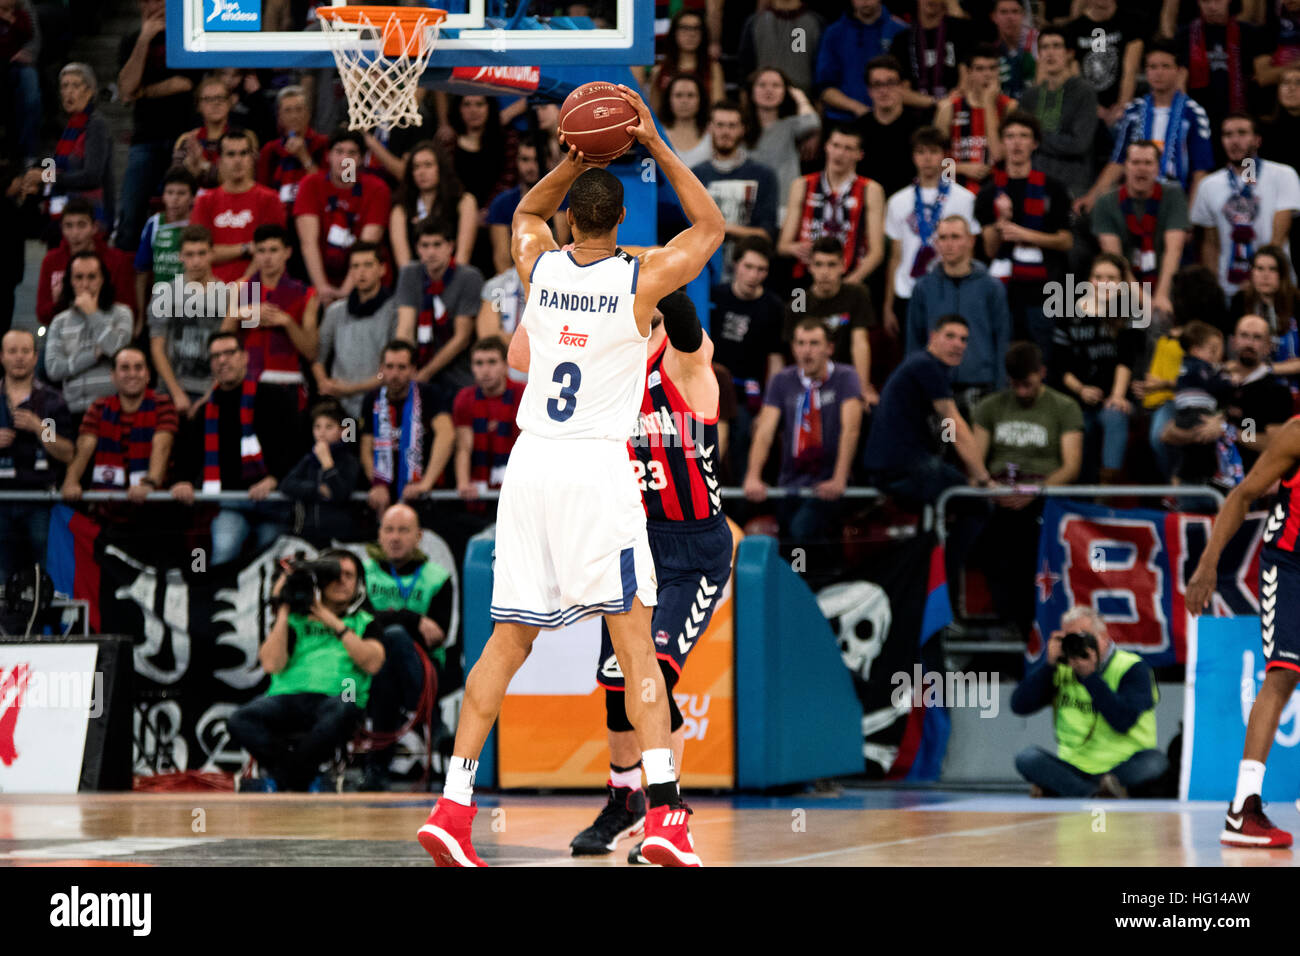 Vitoria, España. El 3 de enero, 2017. Anthony Randolph (Real Madrid) Dispara la pelota durante el partido de Imagen De Stock